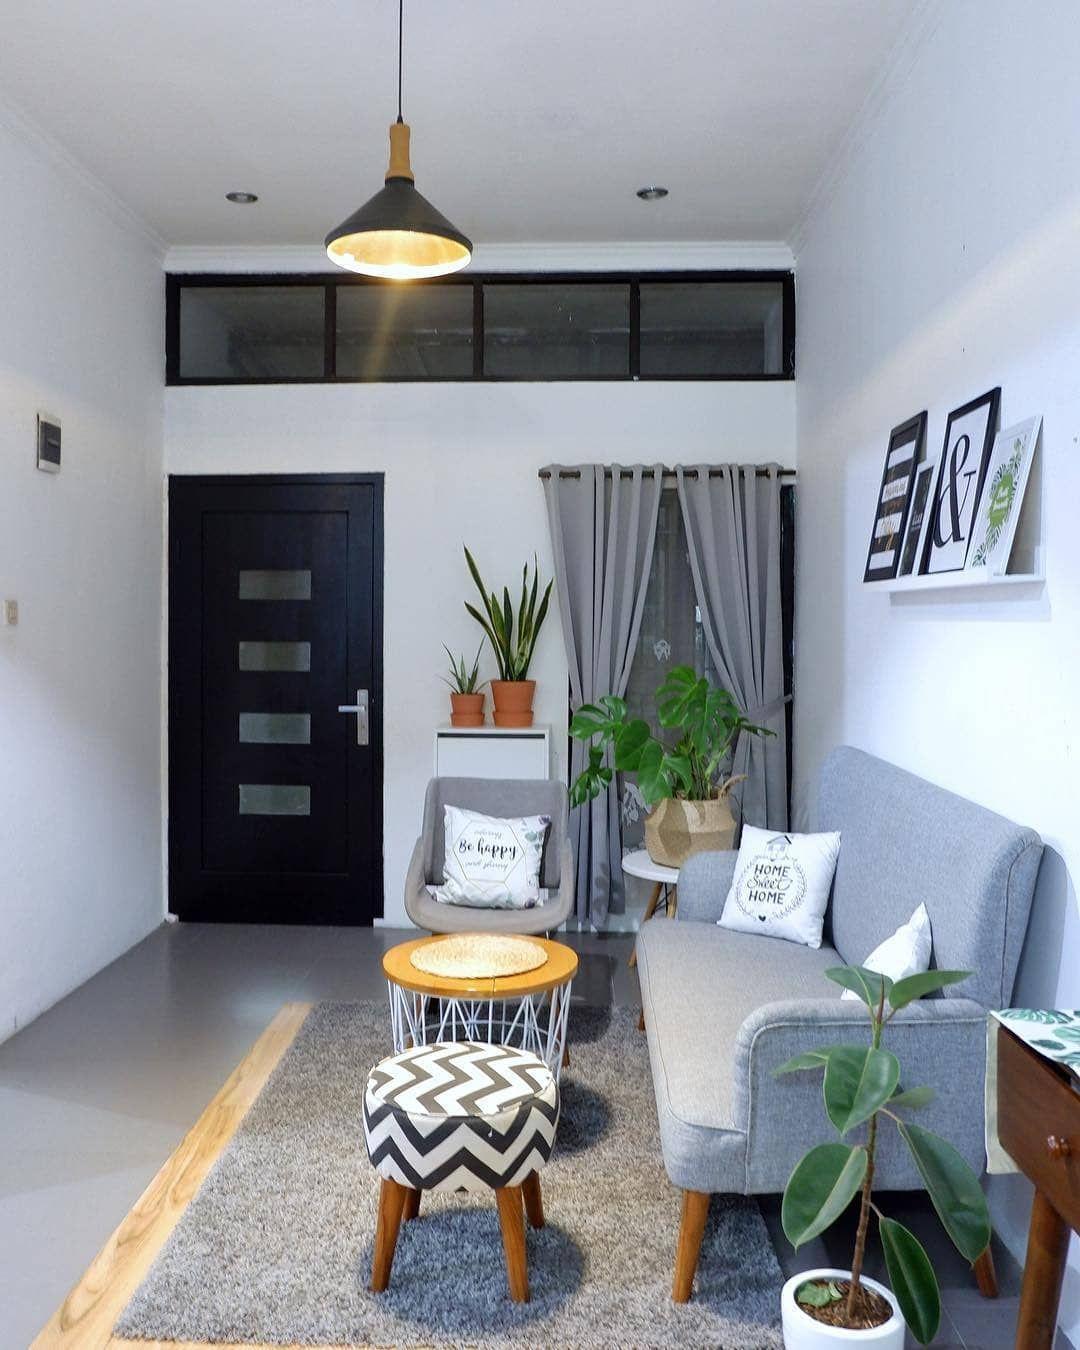 5 Tips Desain Ruang Tamu Minimalis Bikin Betah Tips desain ruang tamu